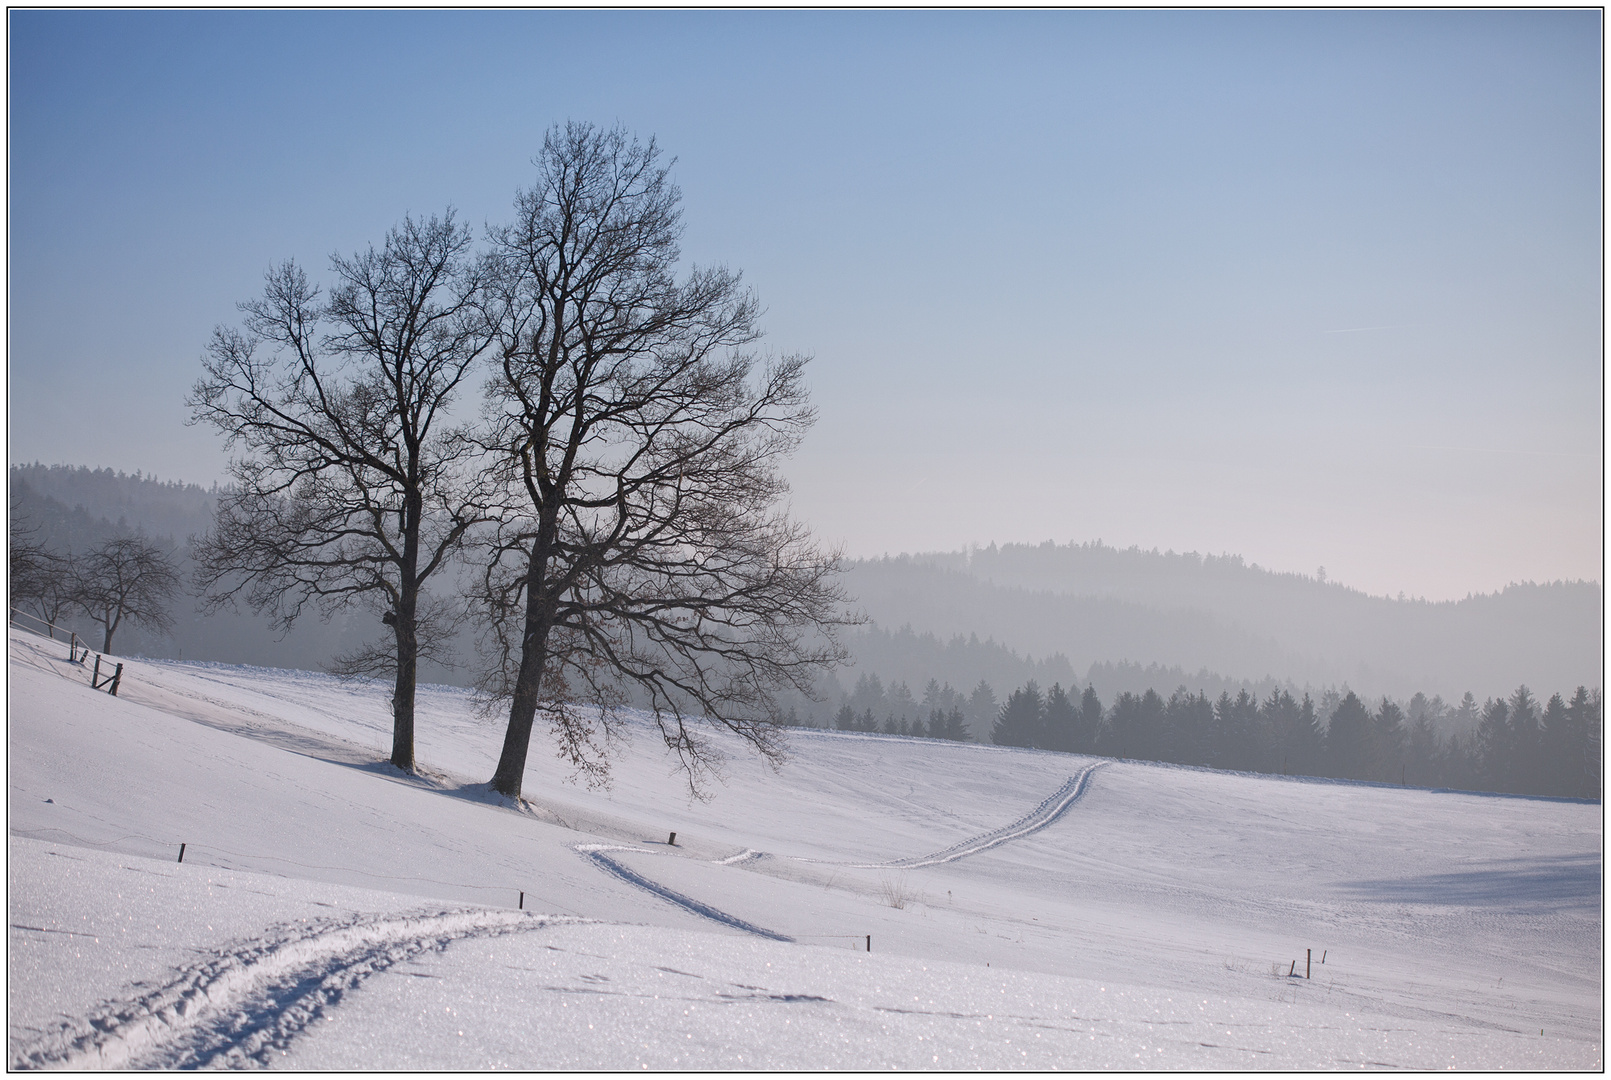 winterlandschaft foto  bild  bäume winter schnee